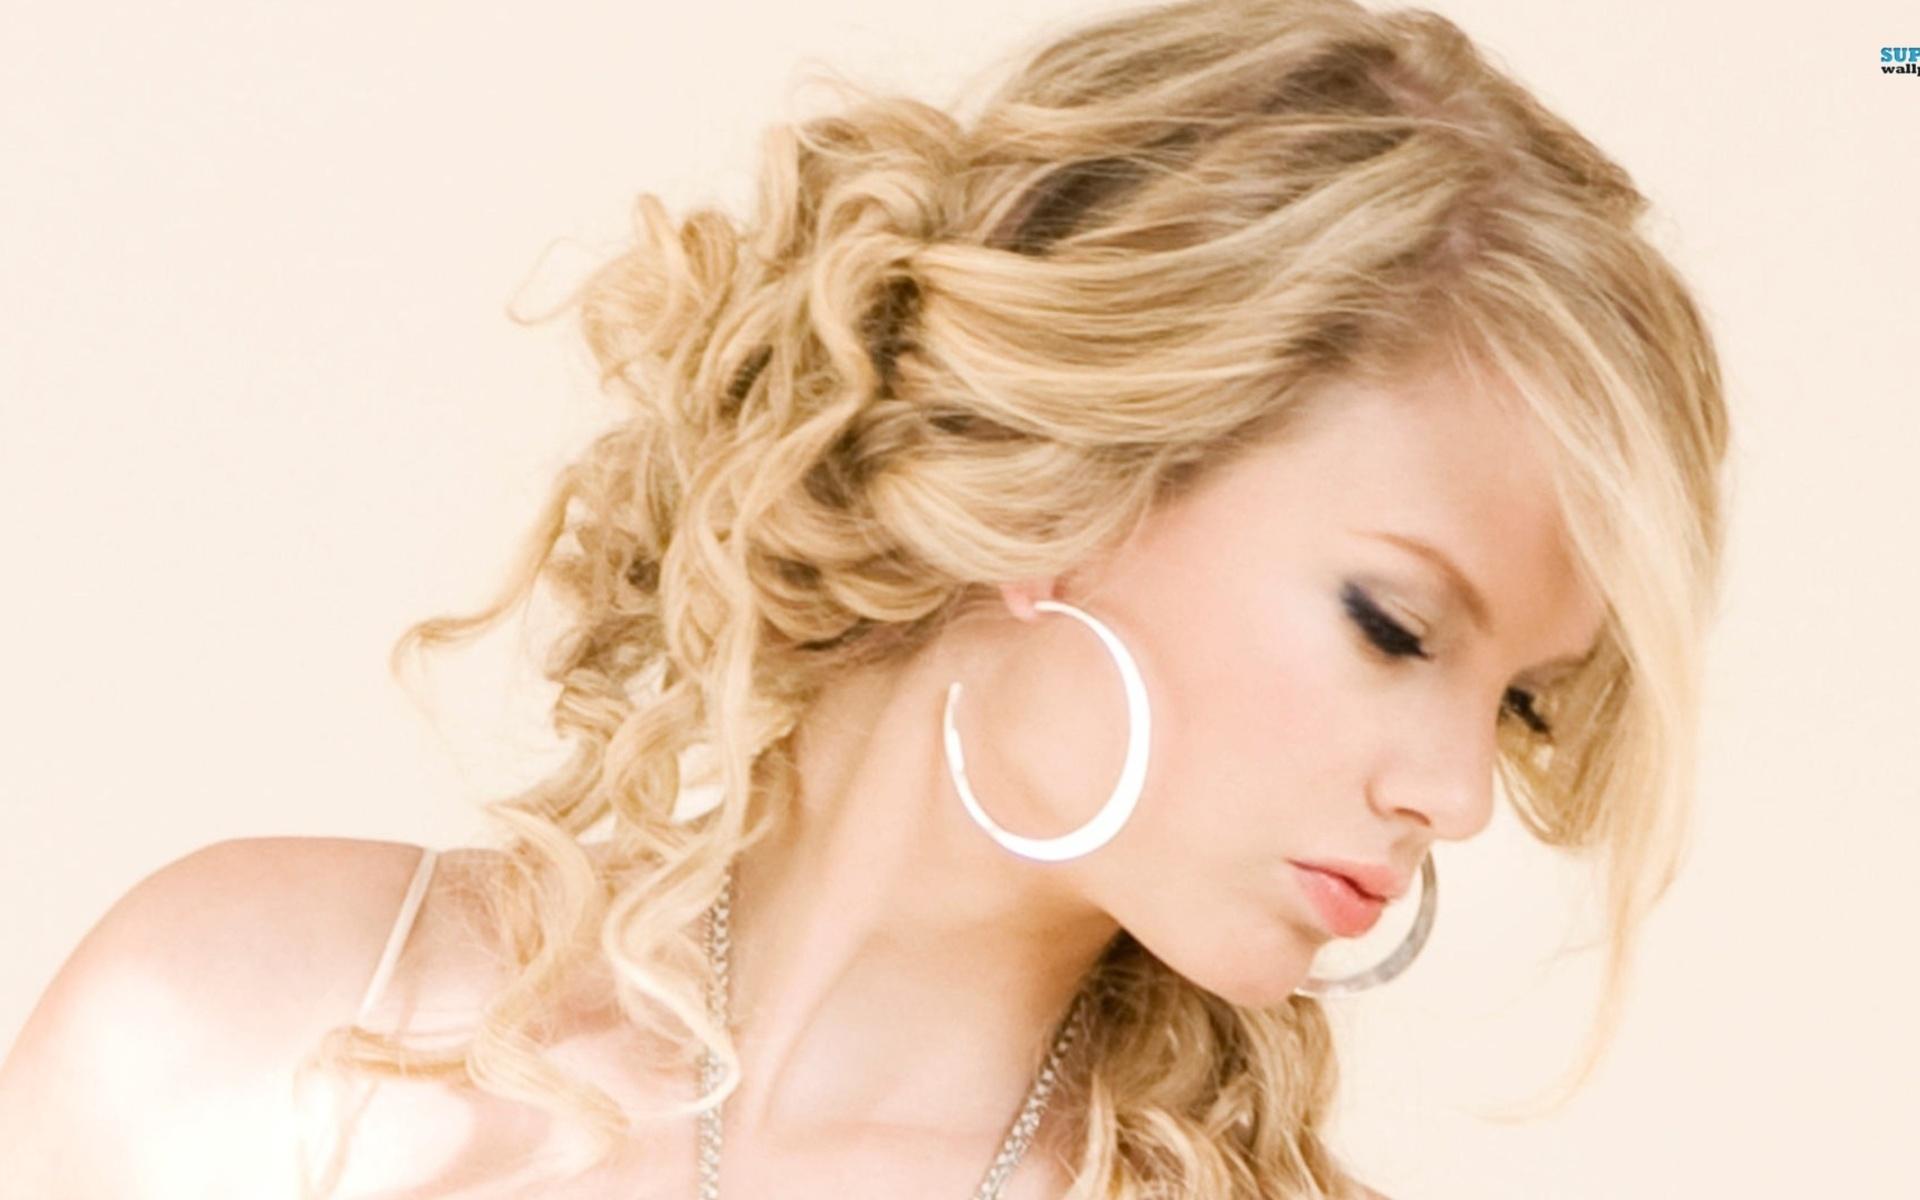 Music - Taylor Swift  Beautiful Wallpaper